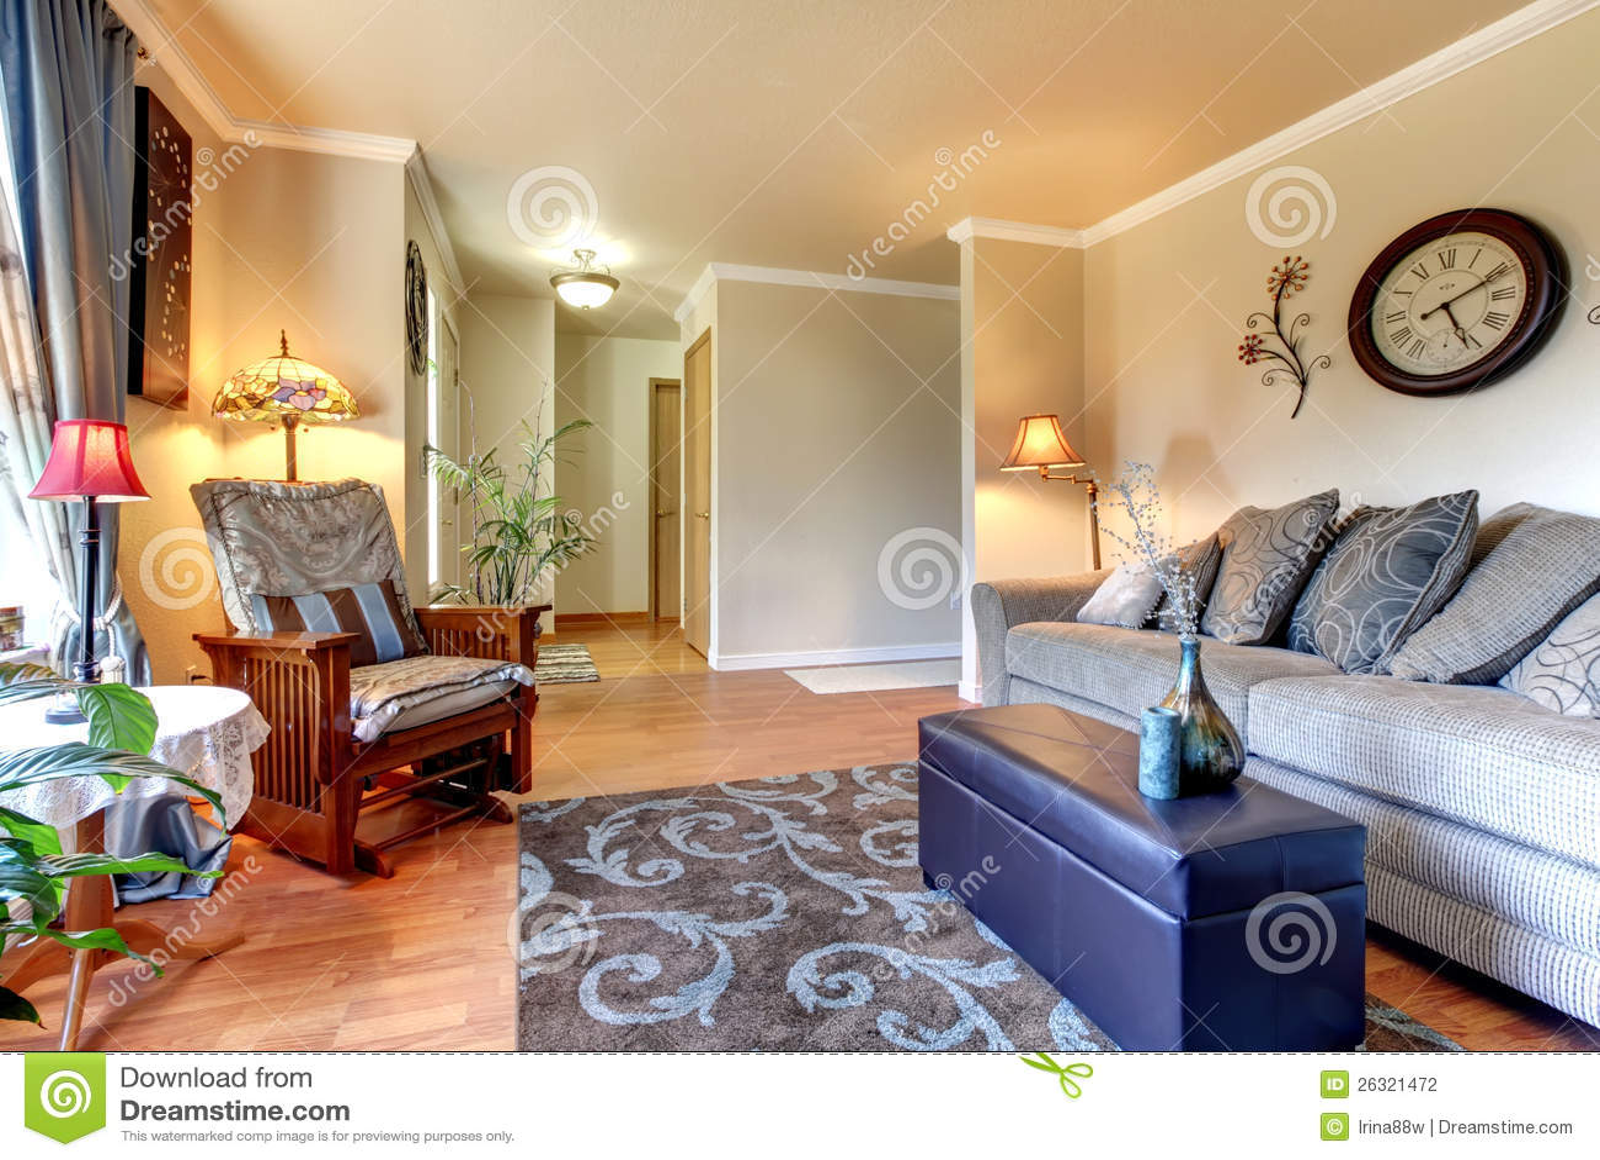 4497d72b4b6f Conception Intérieure De Salon Classique élégant Et Simple. Photo ...